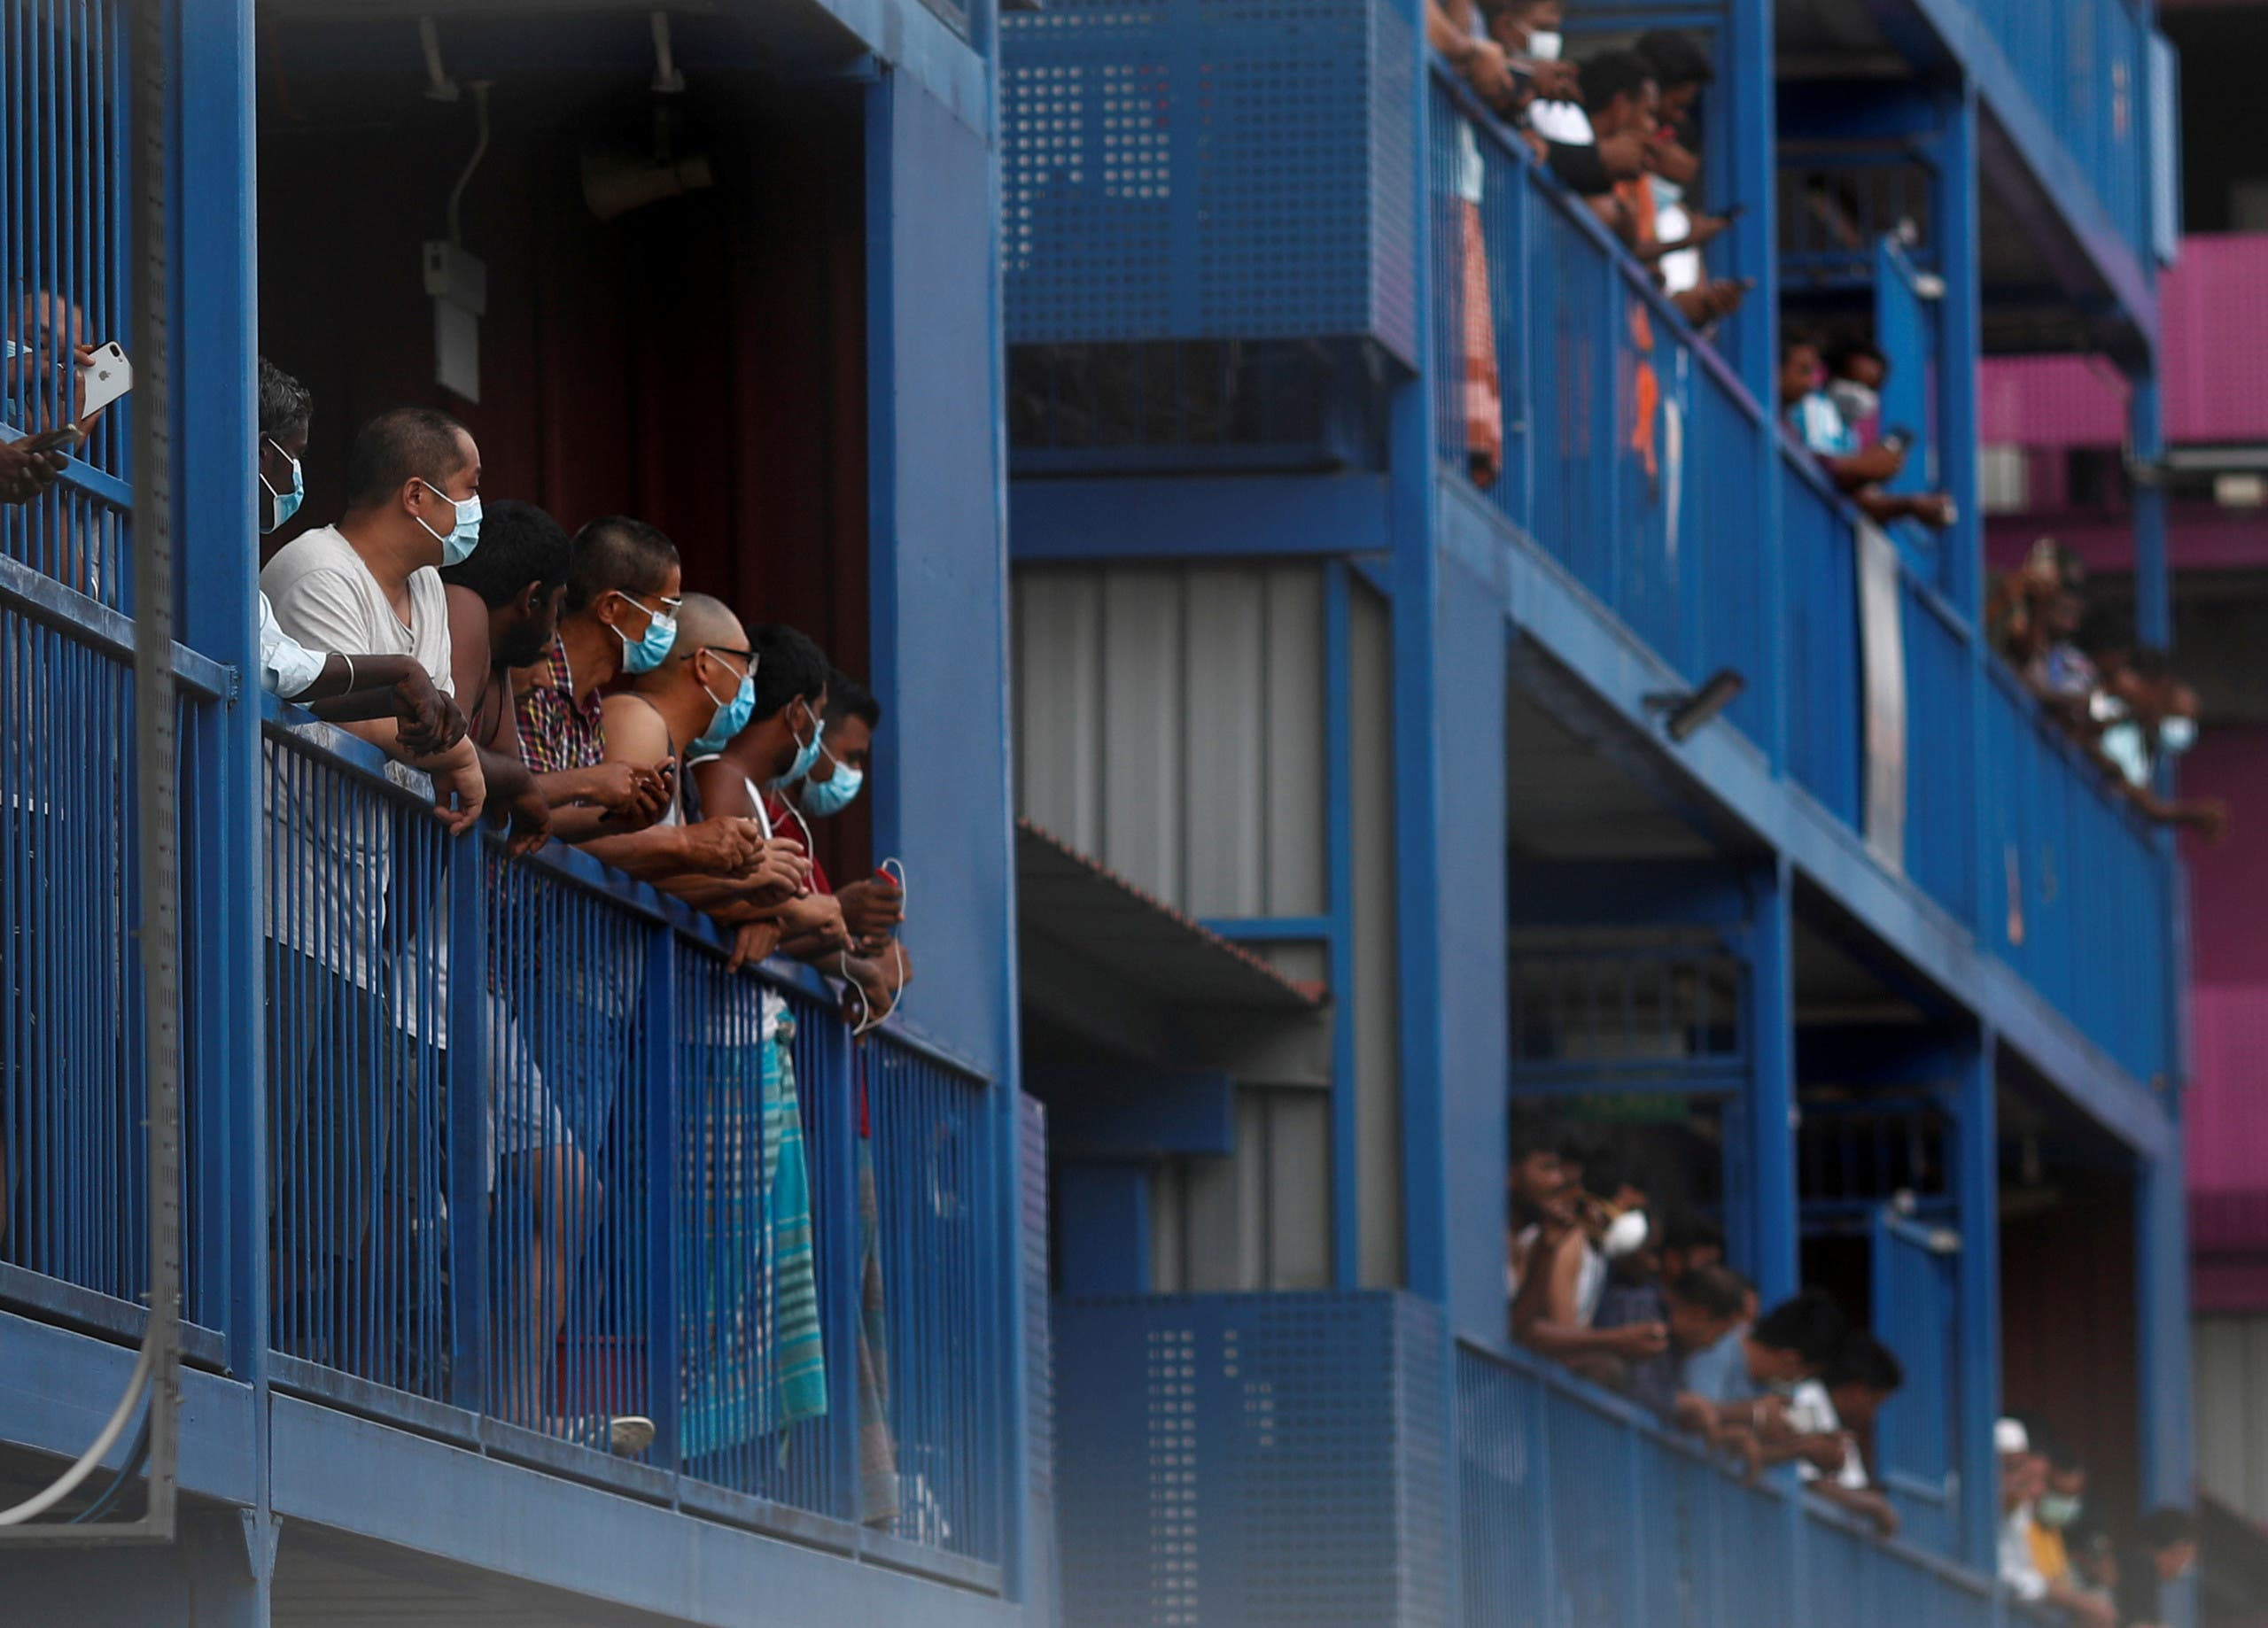 عمال يرتدون الكمامات في سينغافورة(أرشيفية- رويترز)